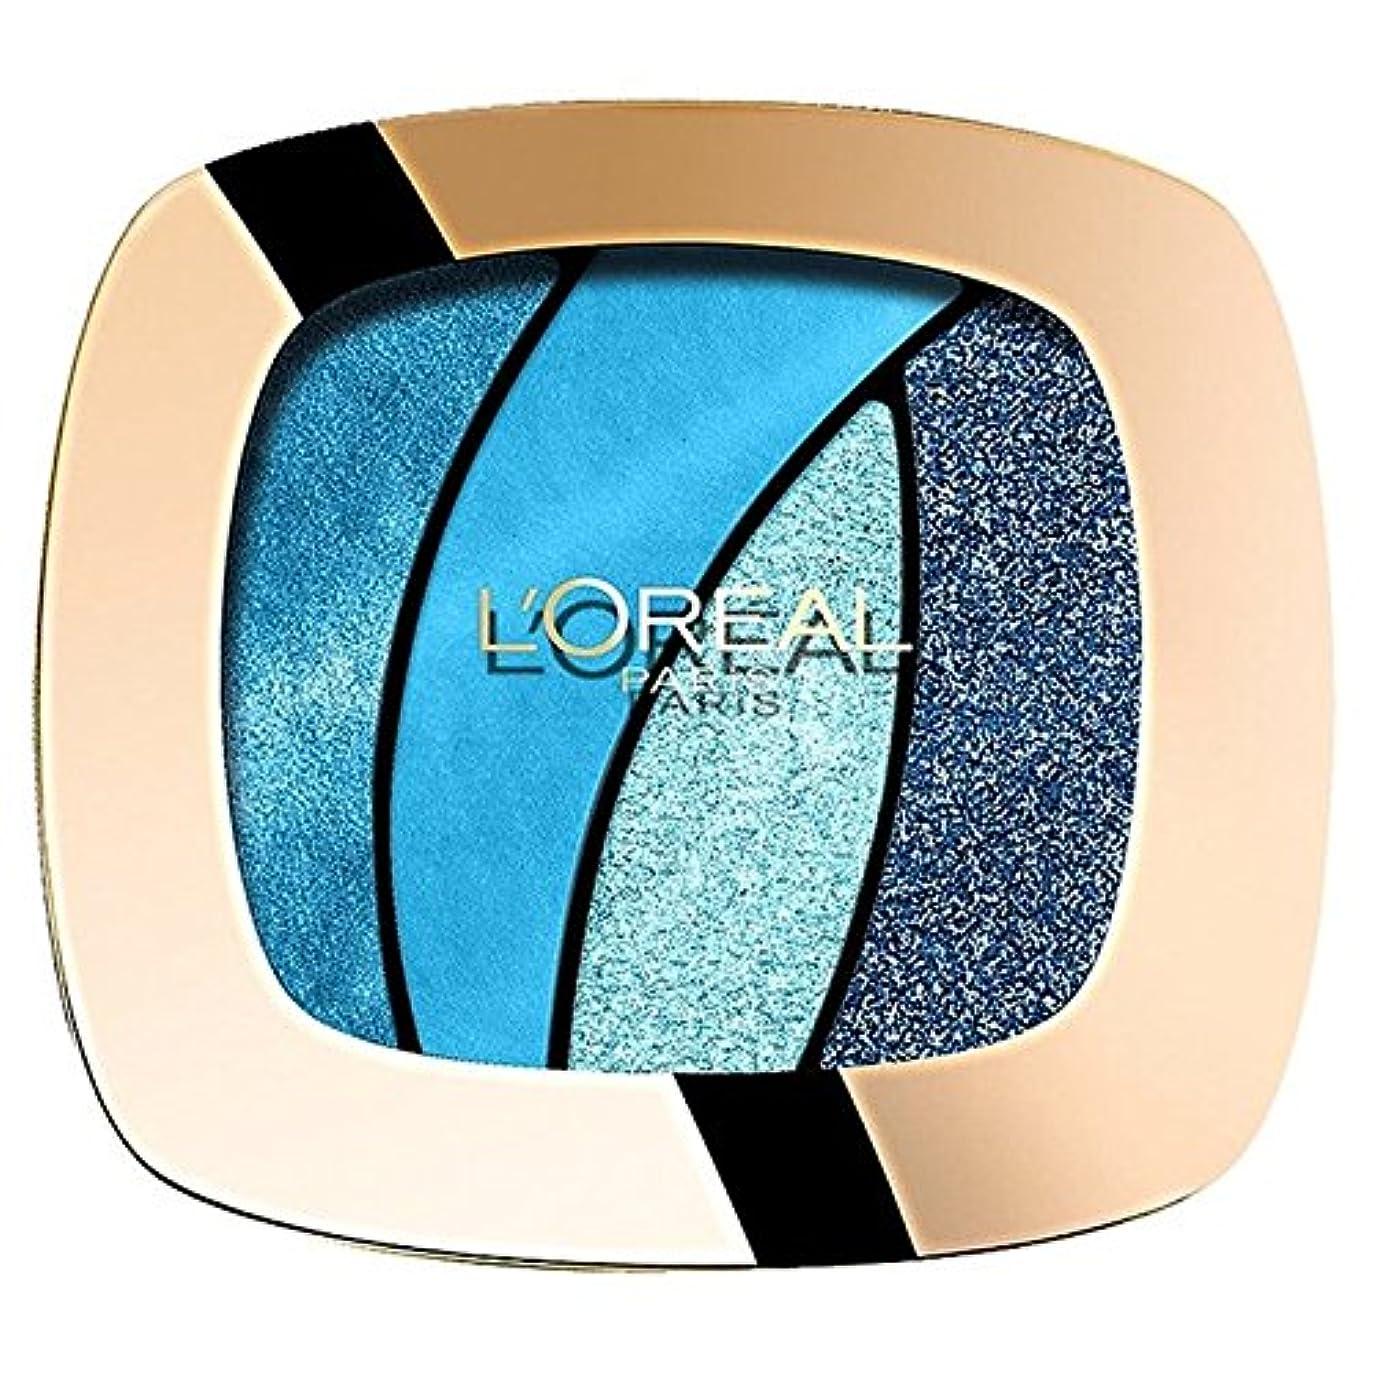 カップコメンテーター血まみれのロレアルパリカラーリッシュクワッド、スペル15 x4 - L'Oreal Paris Color Riche Quad, Turquose Spell S15 (Pack of 4) [並行輸入品]